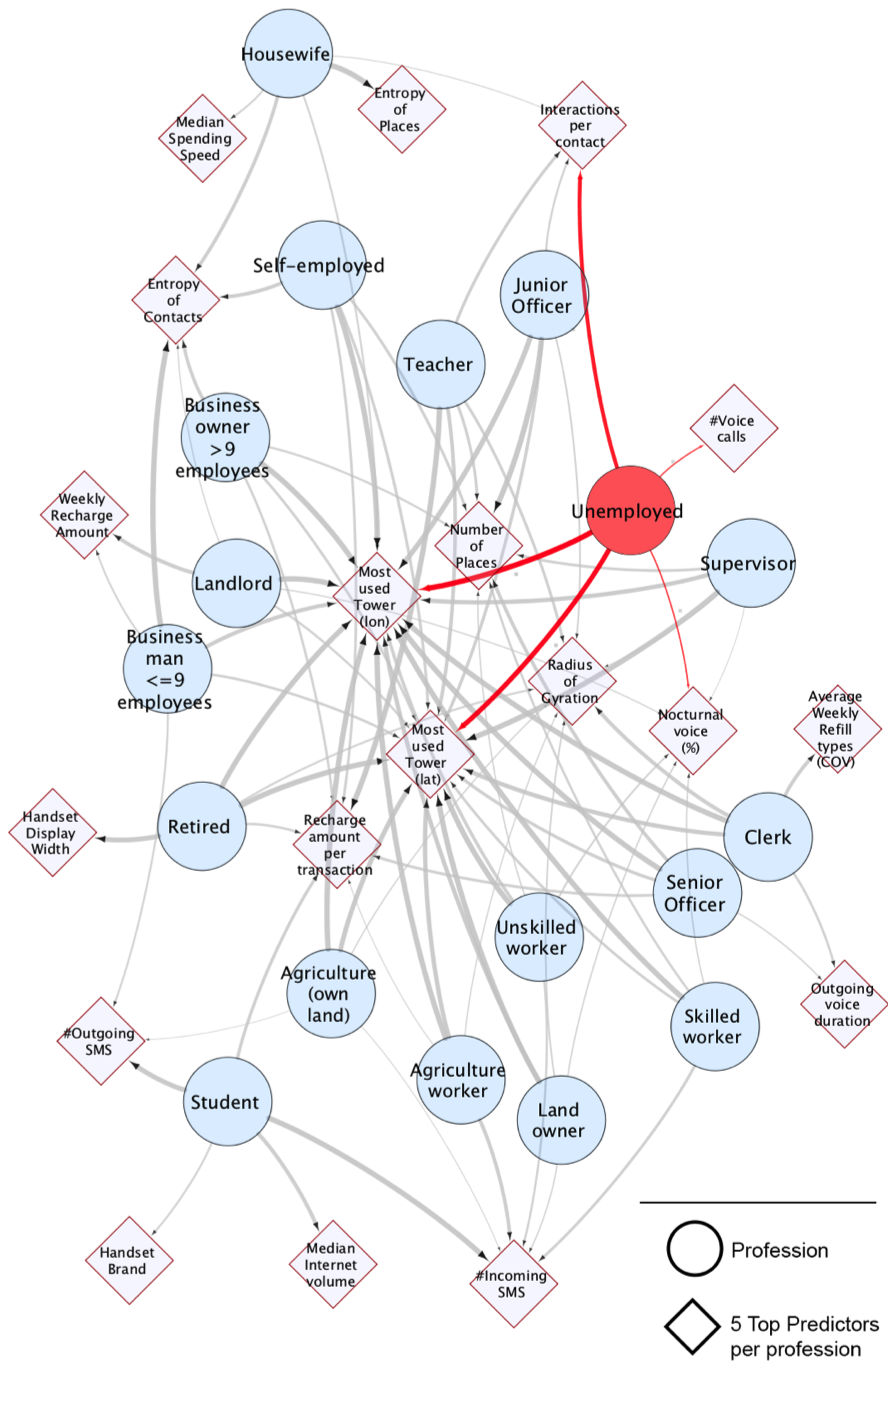 Нейросеть определяет тунеядцев по метаданным сотовой сети с вероятностью 70,4% - 2